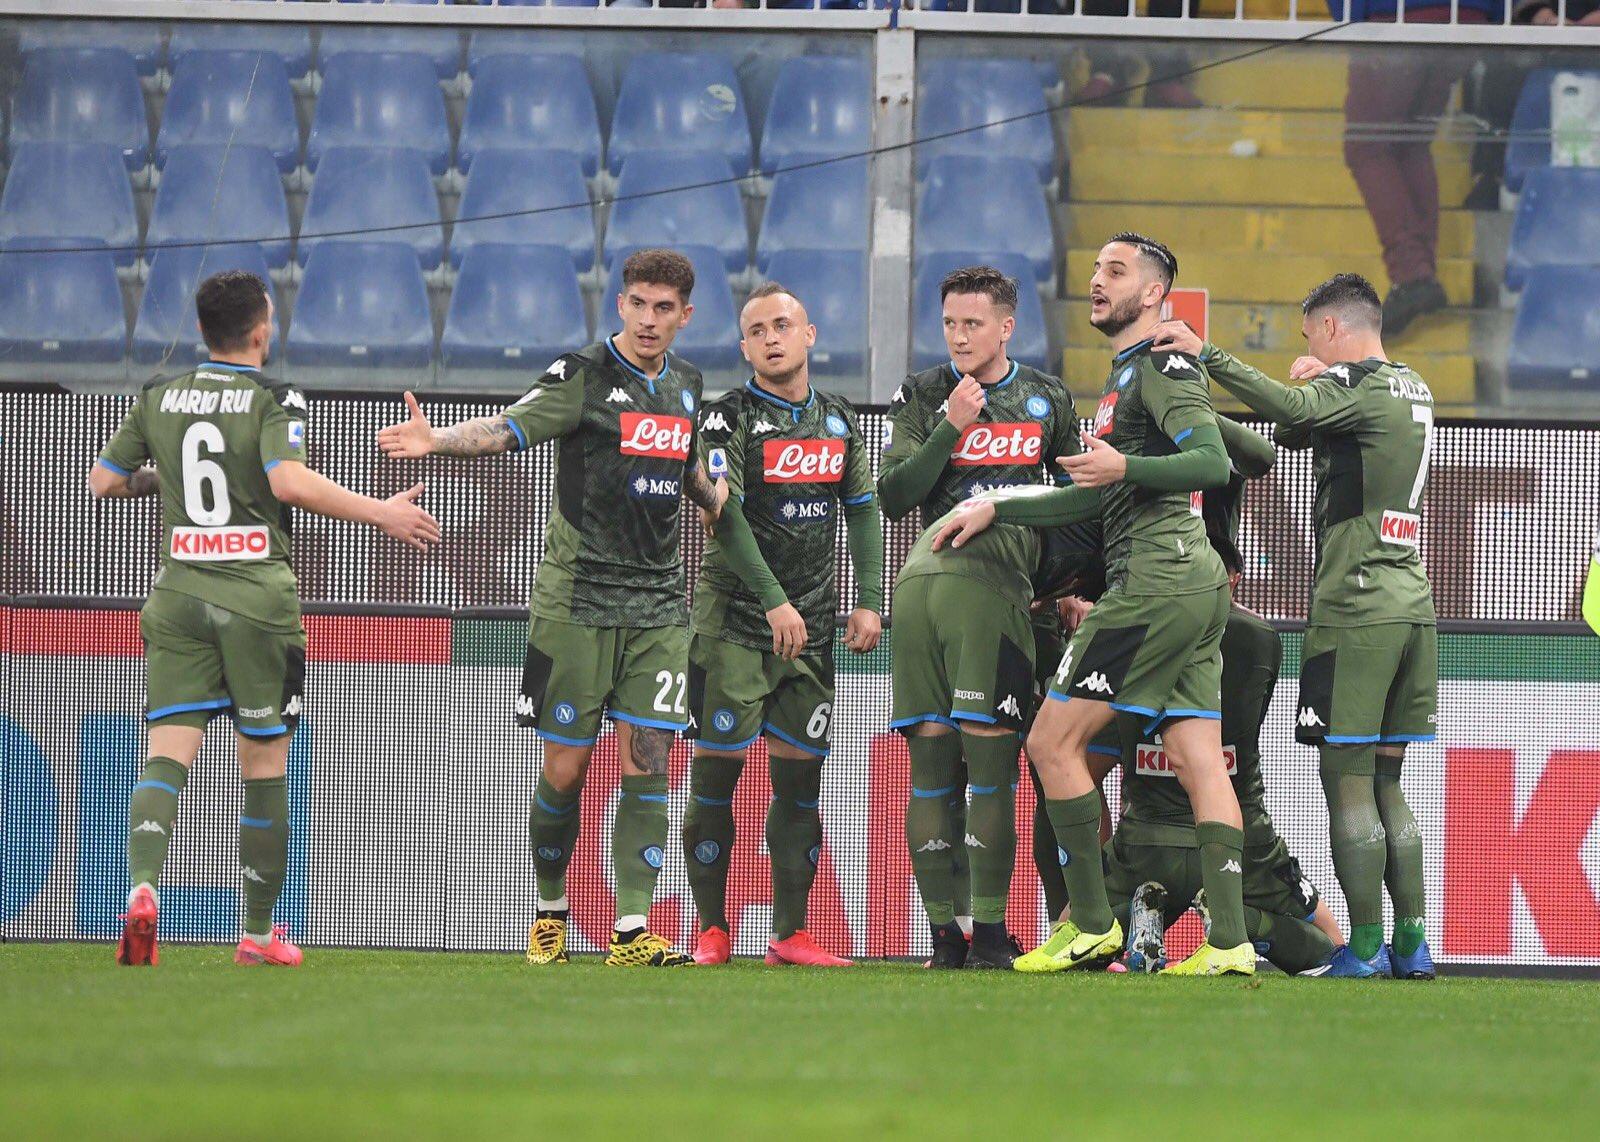 Sampdoria-Napoli 2-4, continua la rincorsa all'Europa